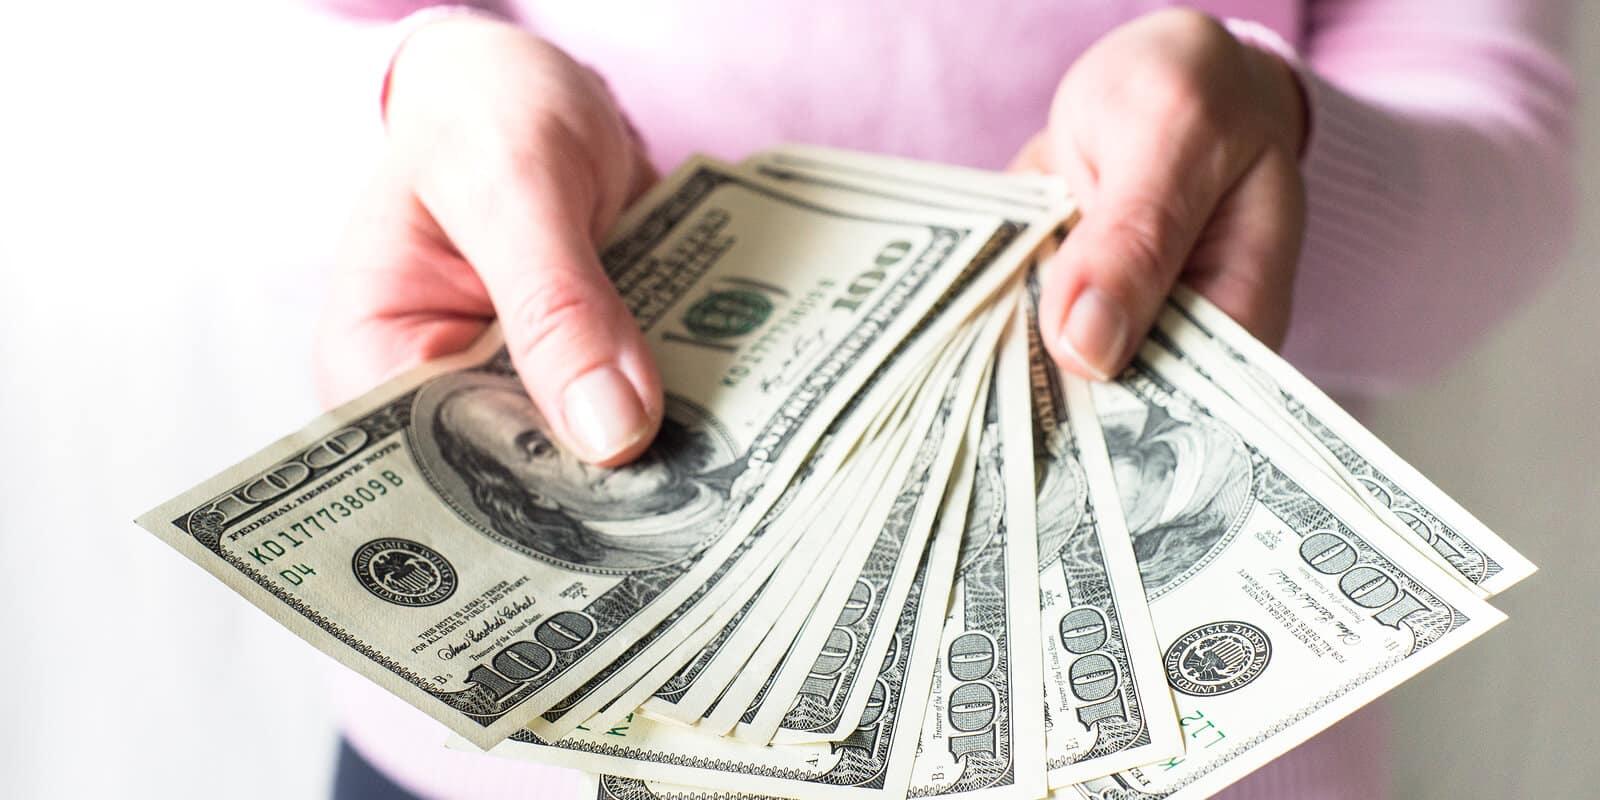 najbohatší ľudia sveta peniaze bankovky dolar